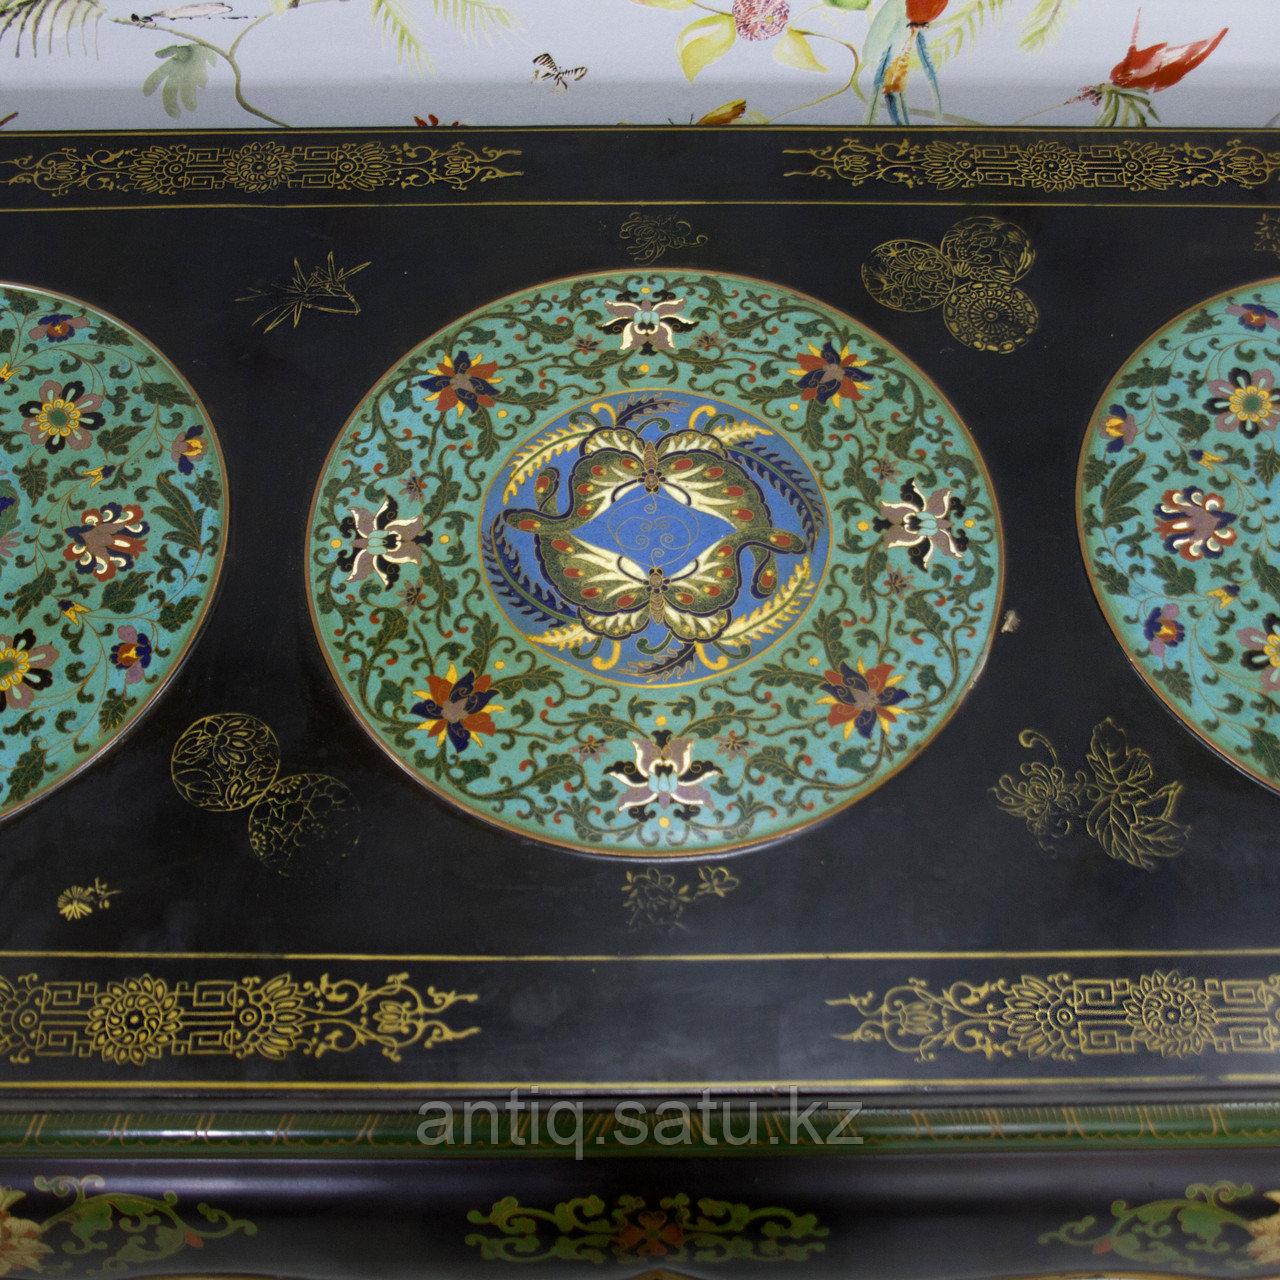 Журнальный столик. Китай. Середина ХХ века - фото 3